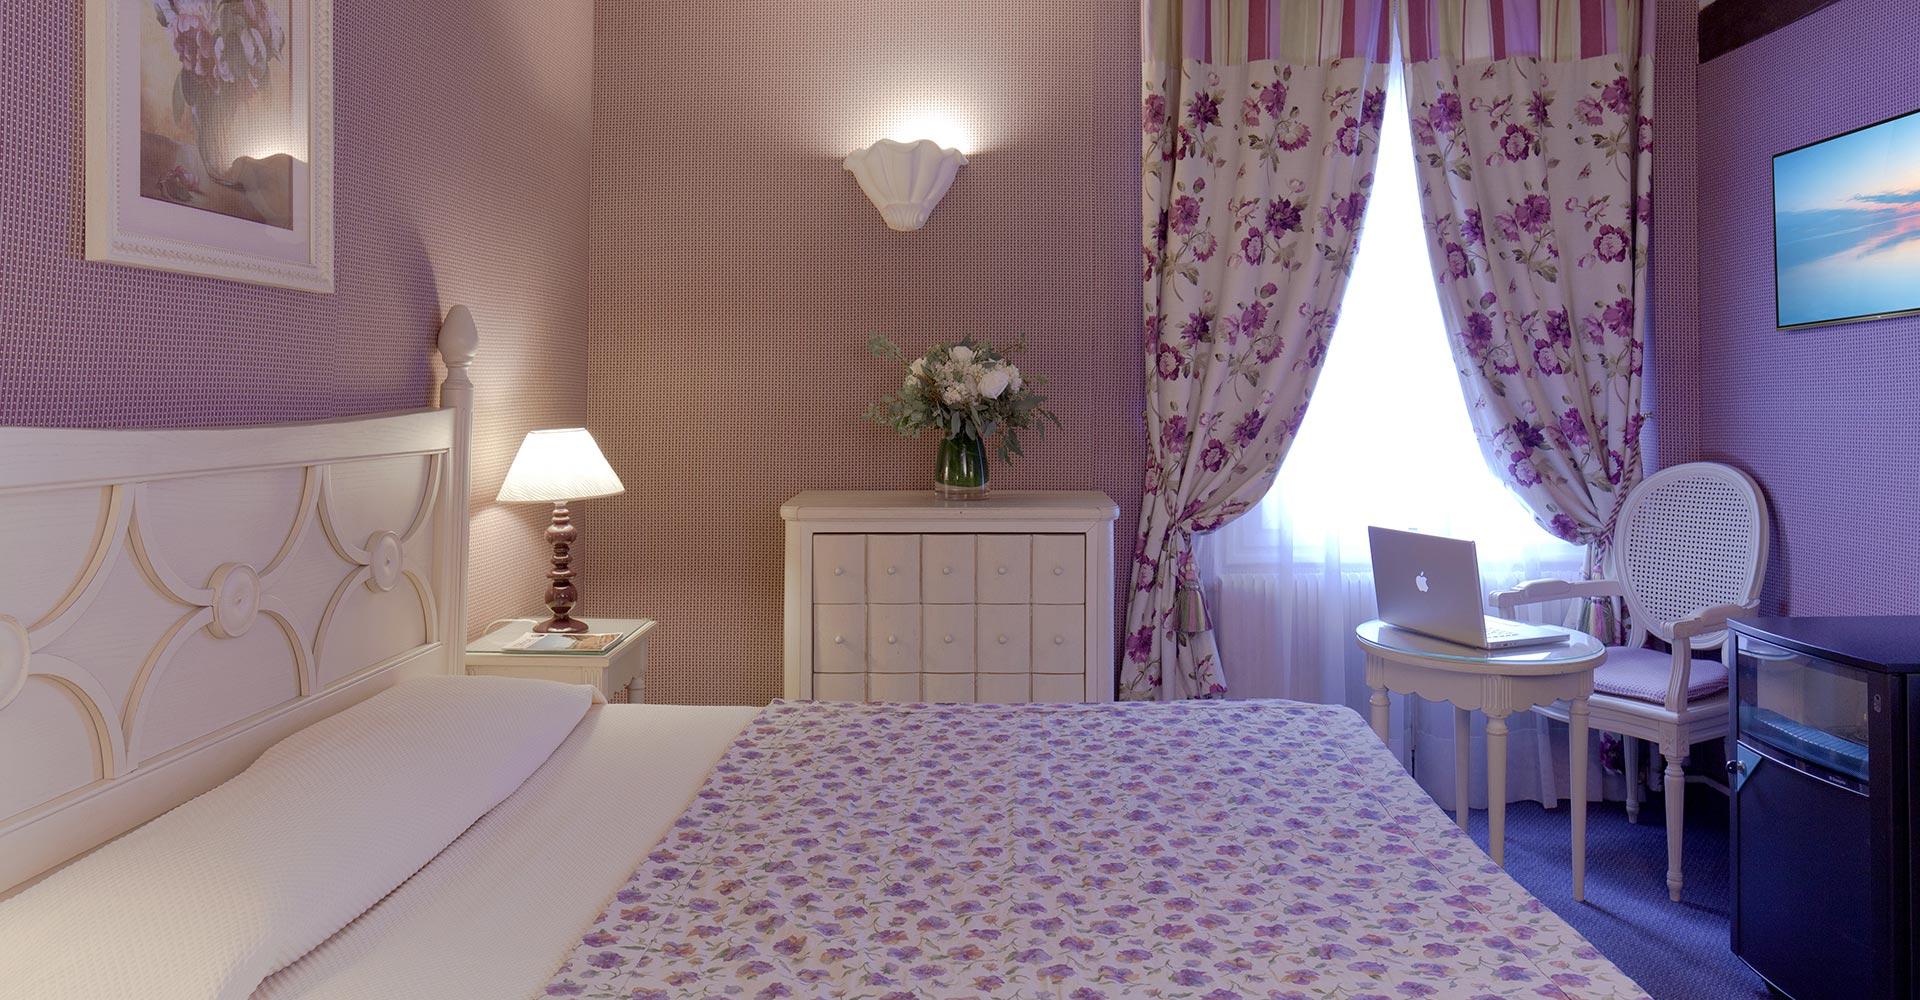 hotel_beaubourg_paris_marais_double_superieure24